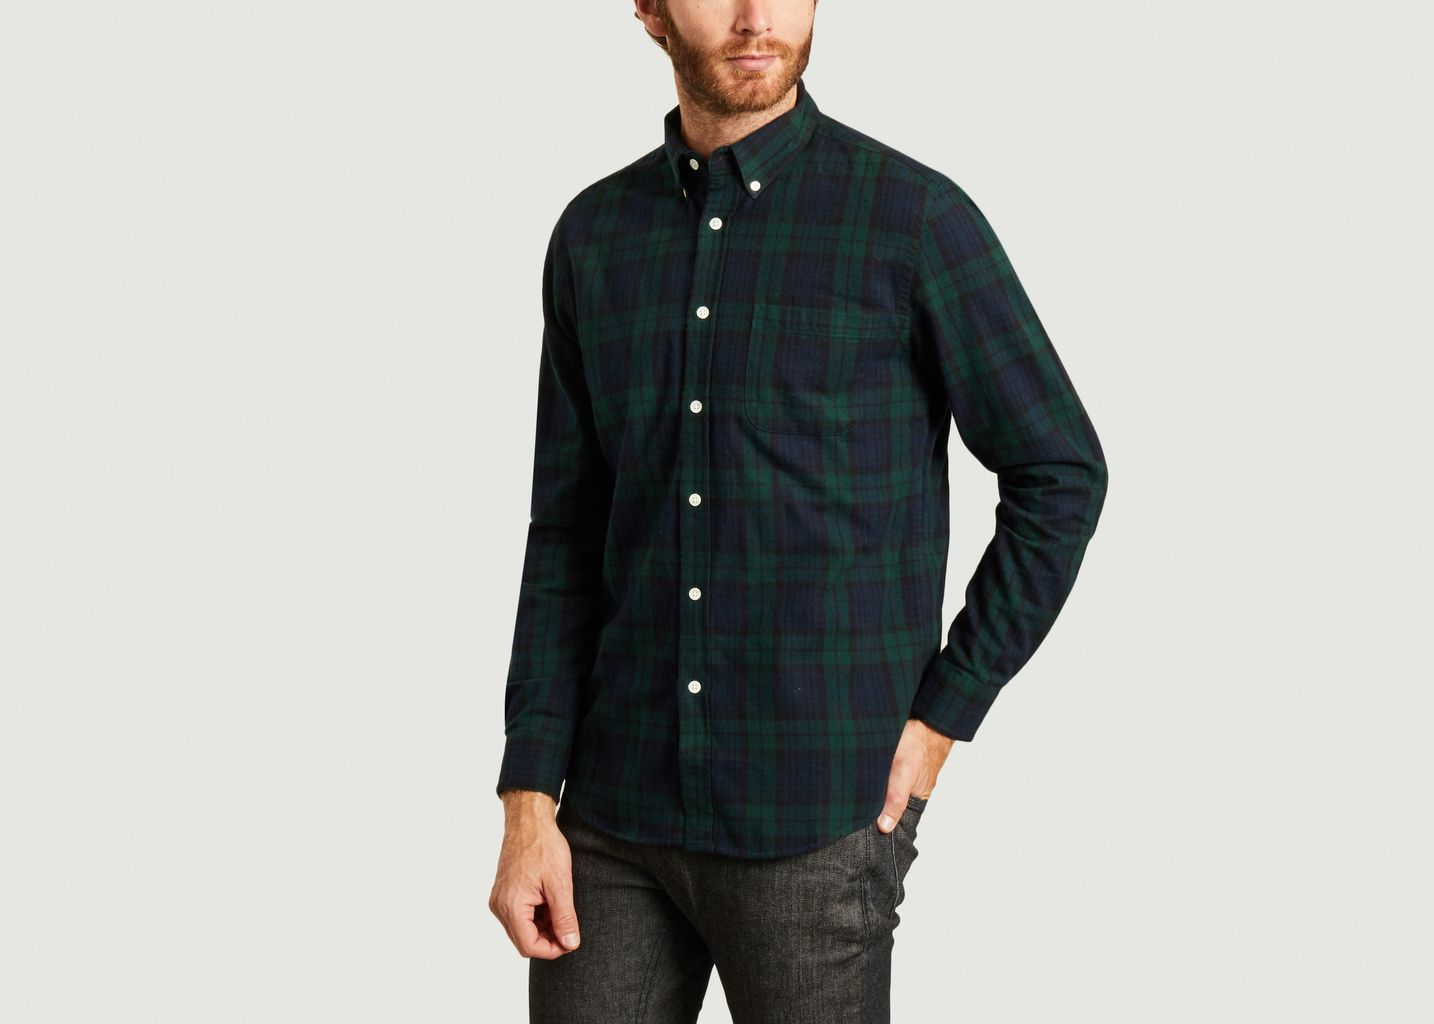 Chemise en flanelle à carreaux Bonfim - Portuguese Flannel